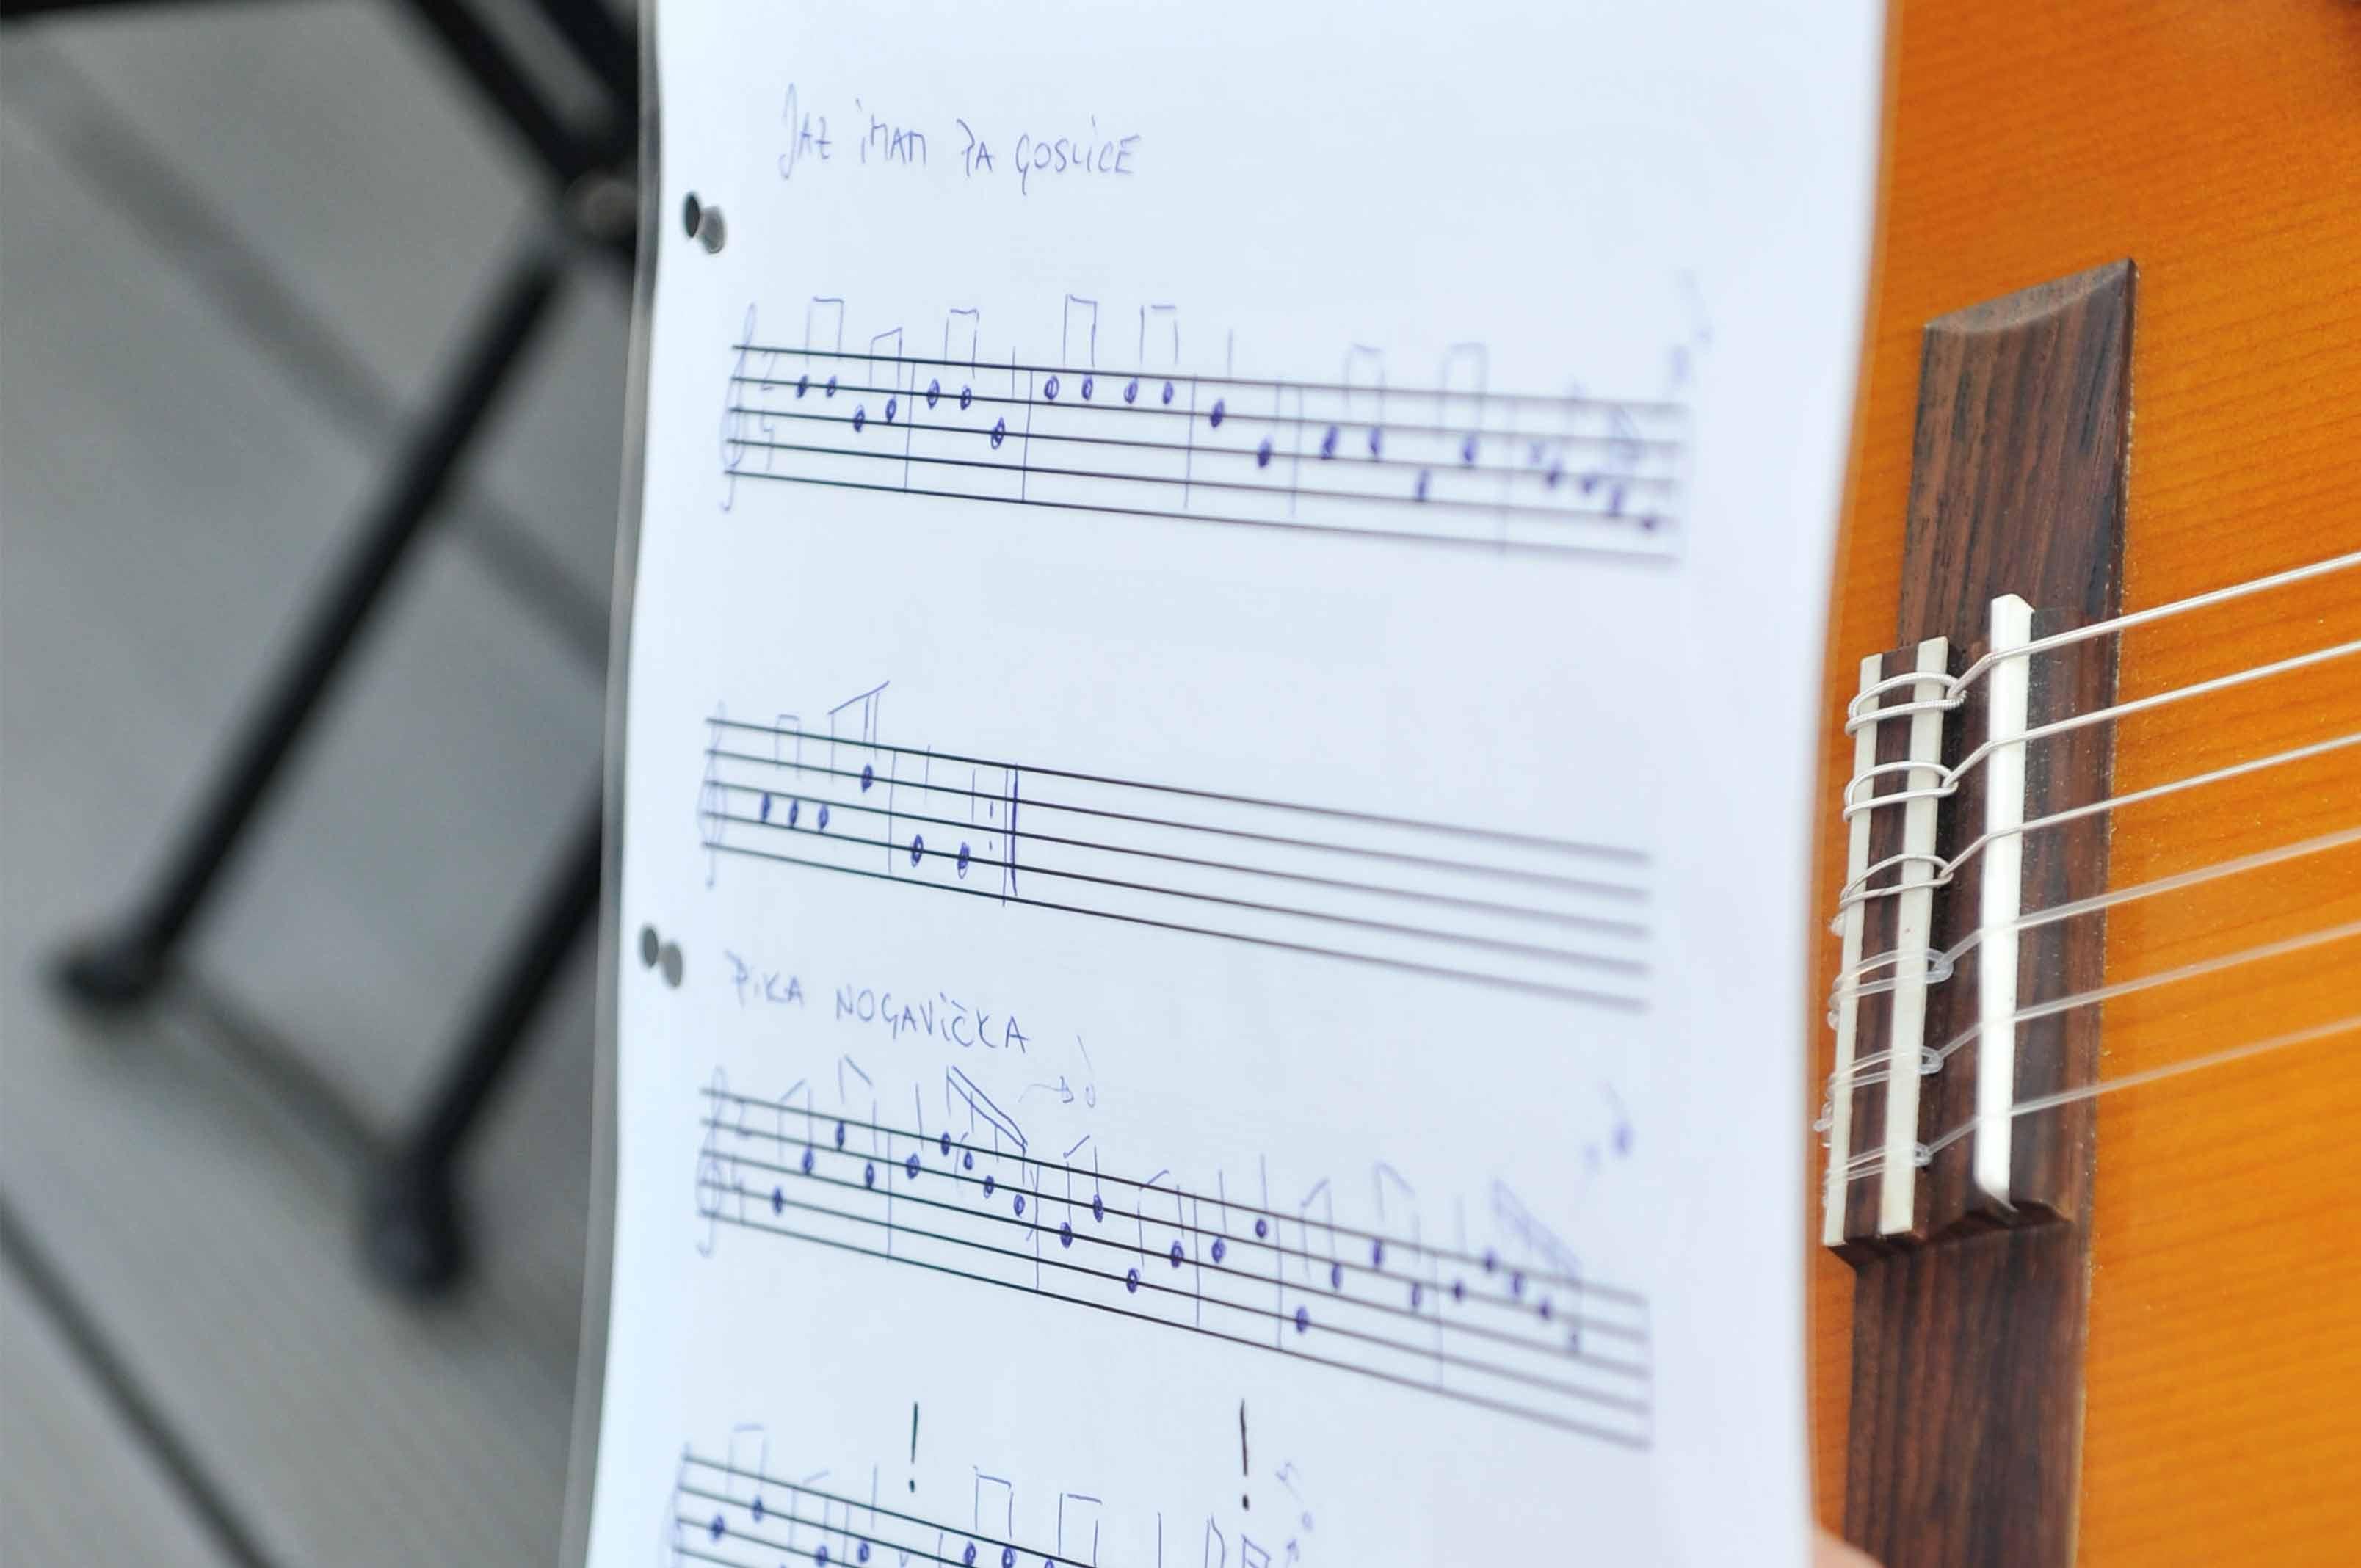 inštrumenti poučevanje glasbena šola